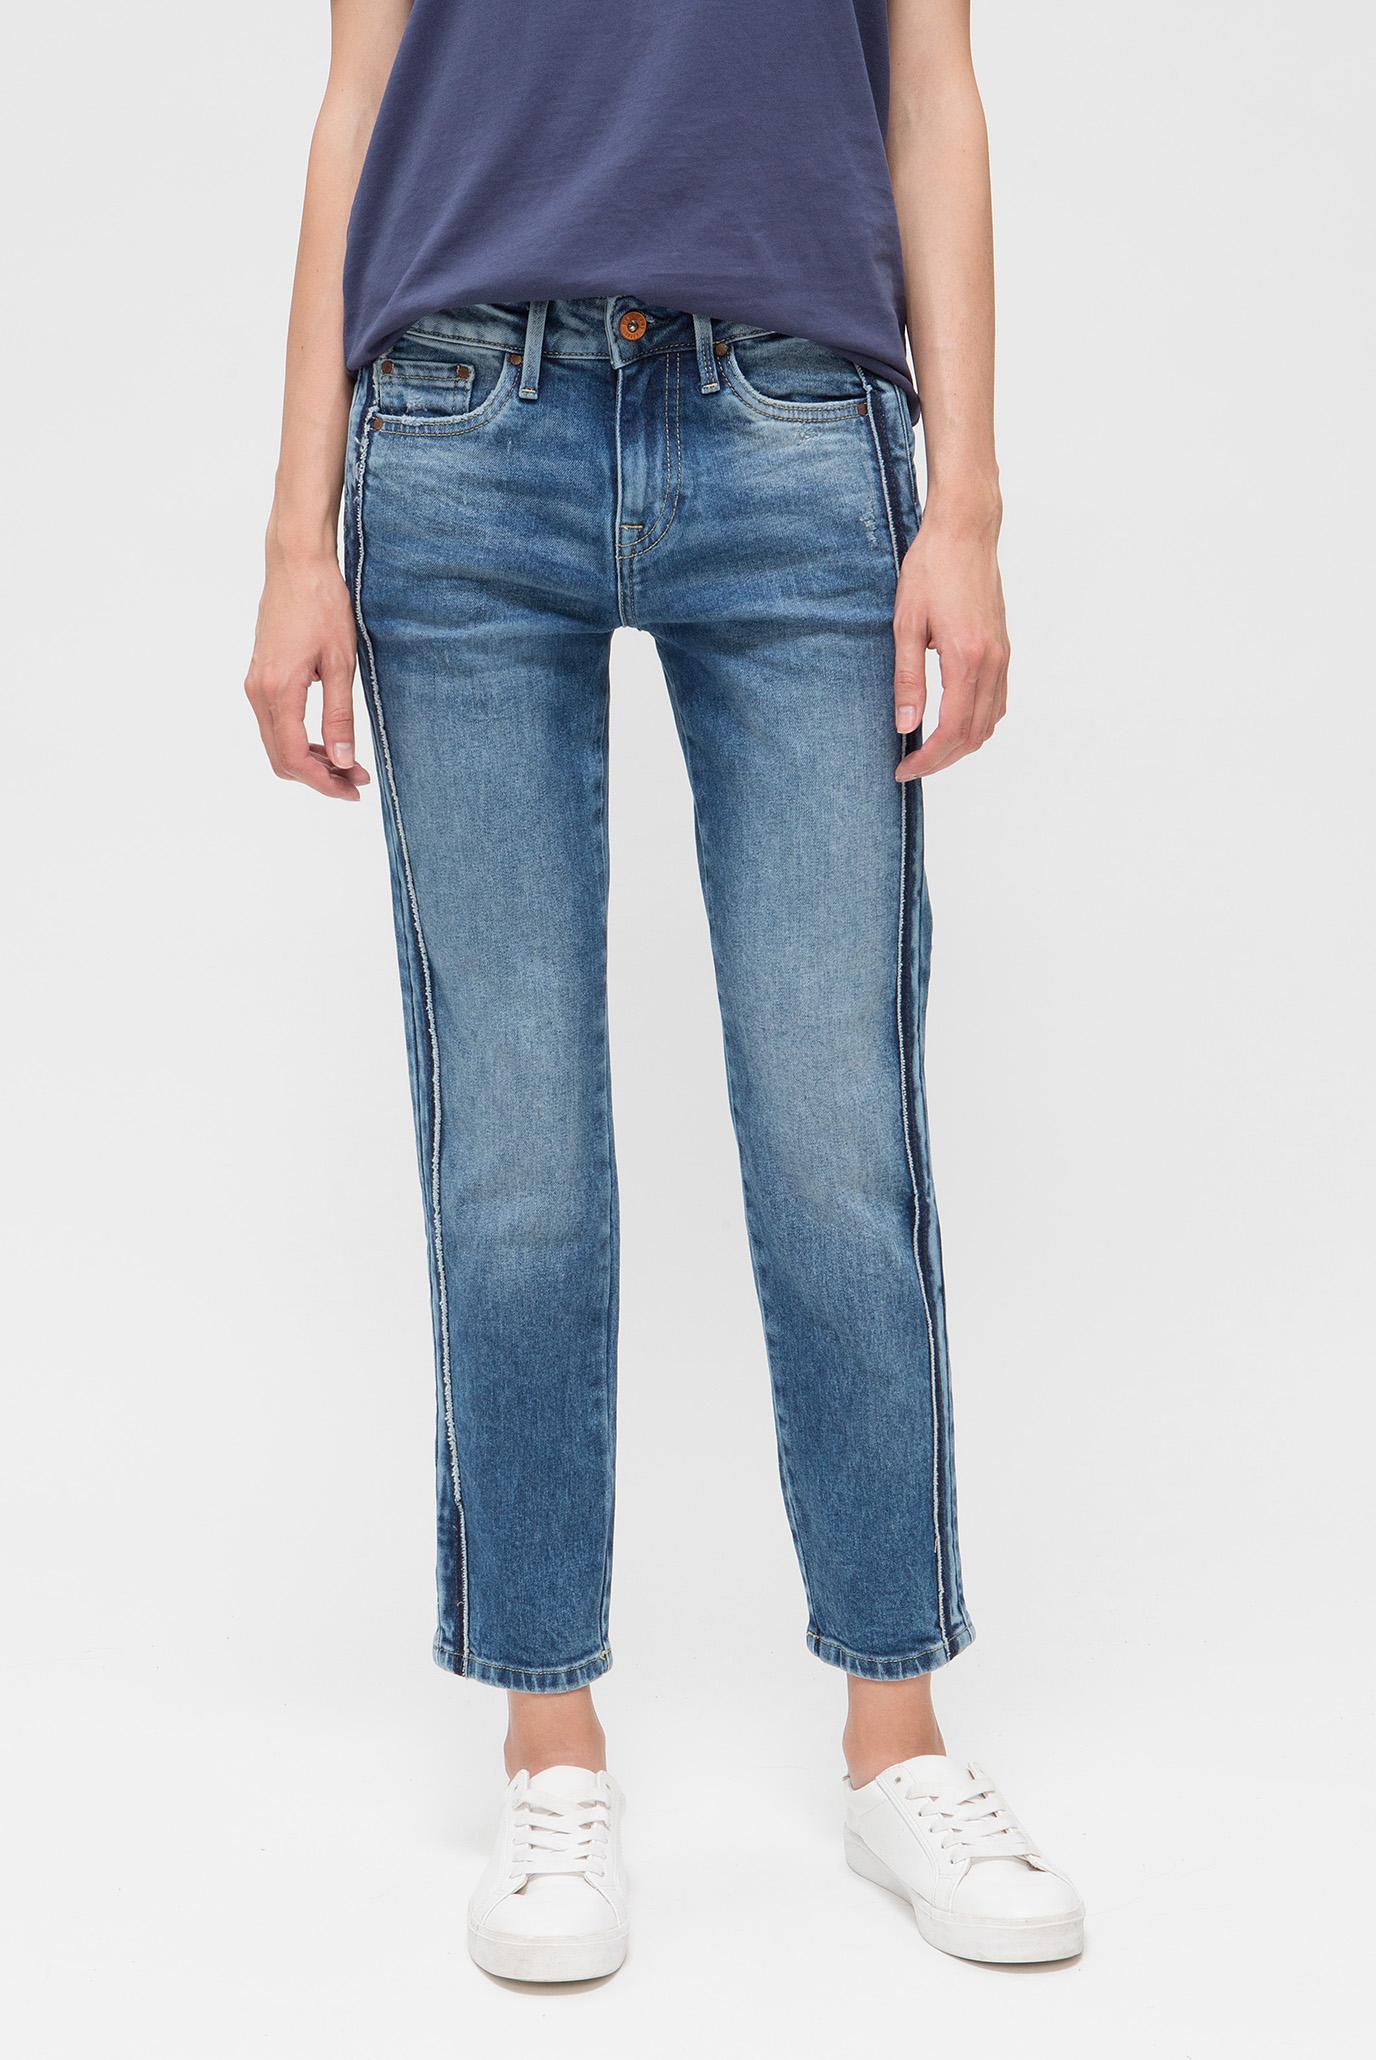 Купить Женские синие джинсы JOLIE Pepe Jeans Pepe Jeans PL203040GH1R – Киев, Украина. Цены в интернет магазине MD Fashion